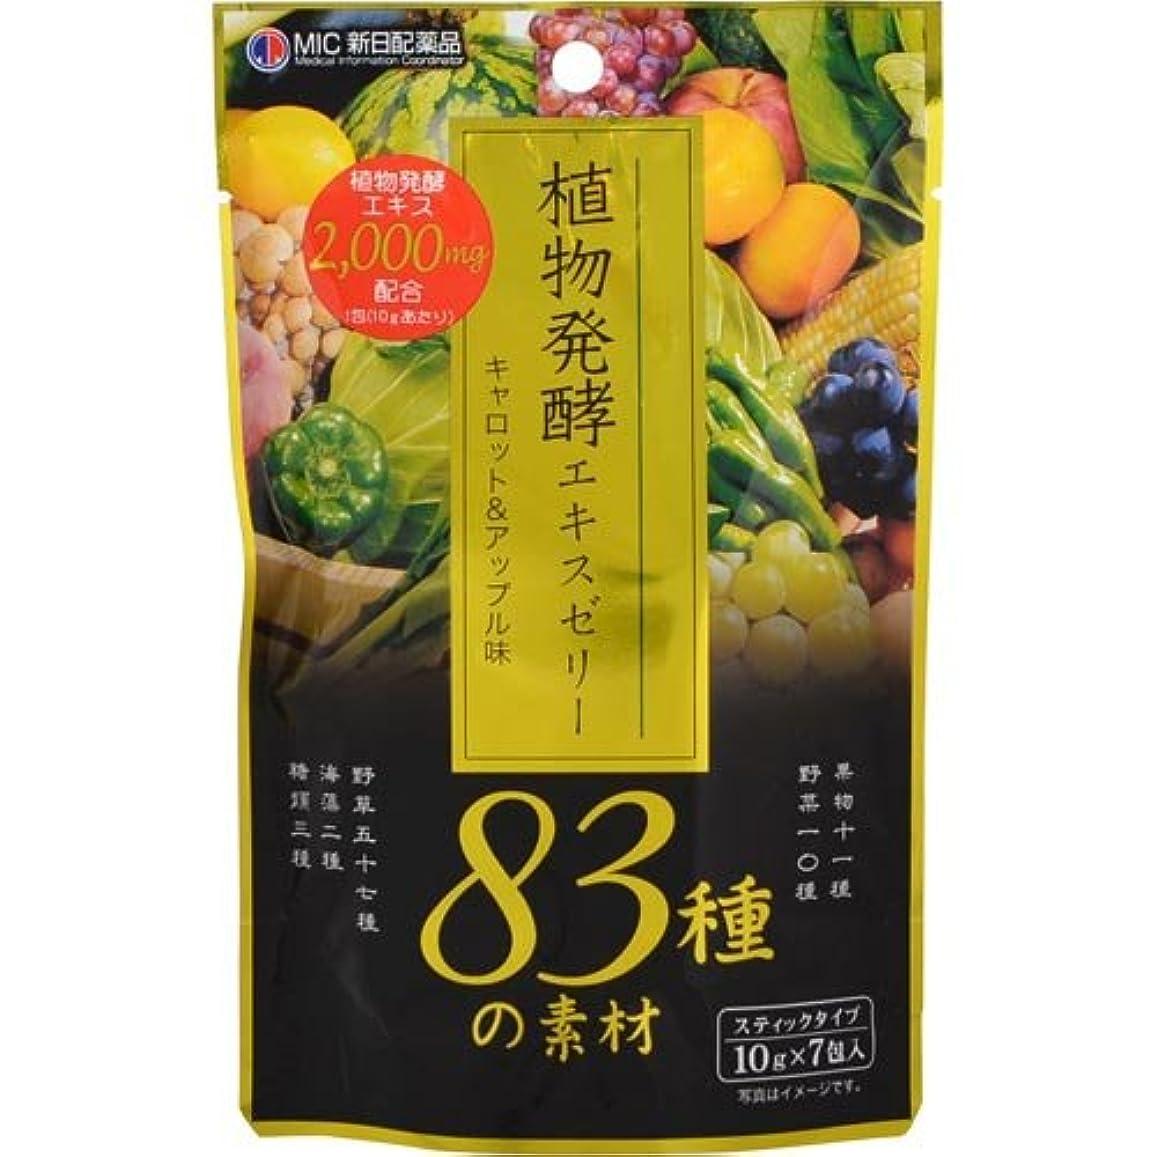 ガチョウ拡声器エピソード植物醗酵エキスゼリー キャロット&アップル味 10g×7包